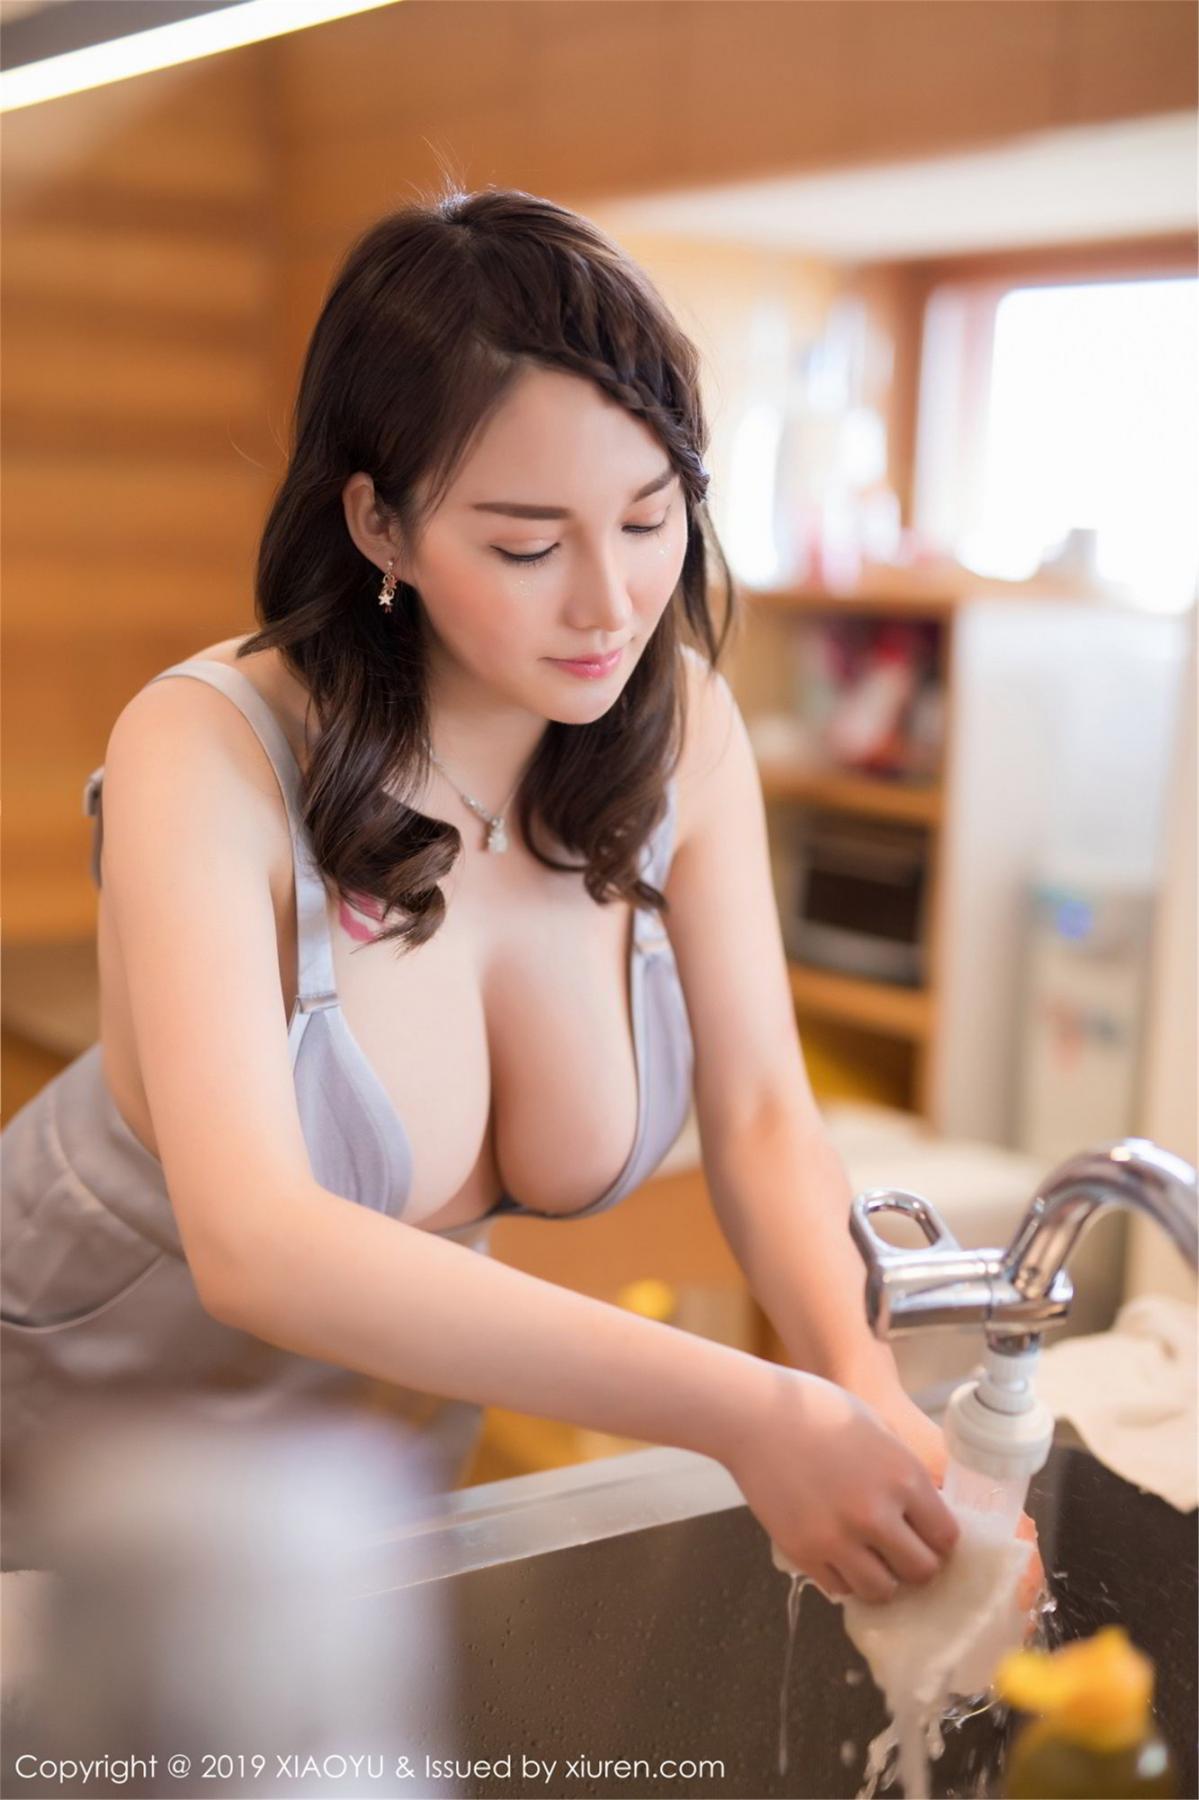 [XiaoYu] Vol.080 Shen Mi Tao 5P, Shen Mi Tao, XiaoYu